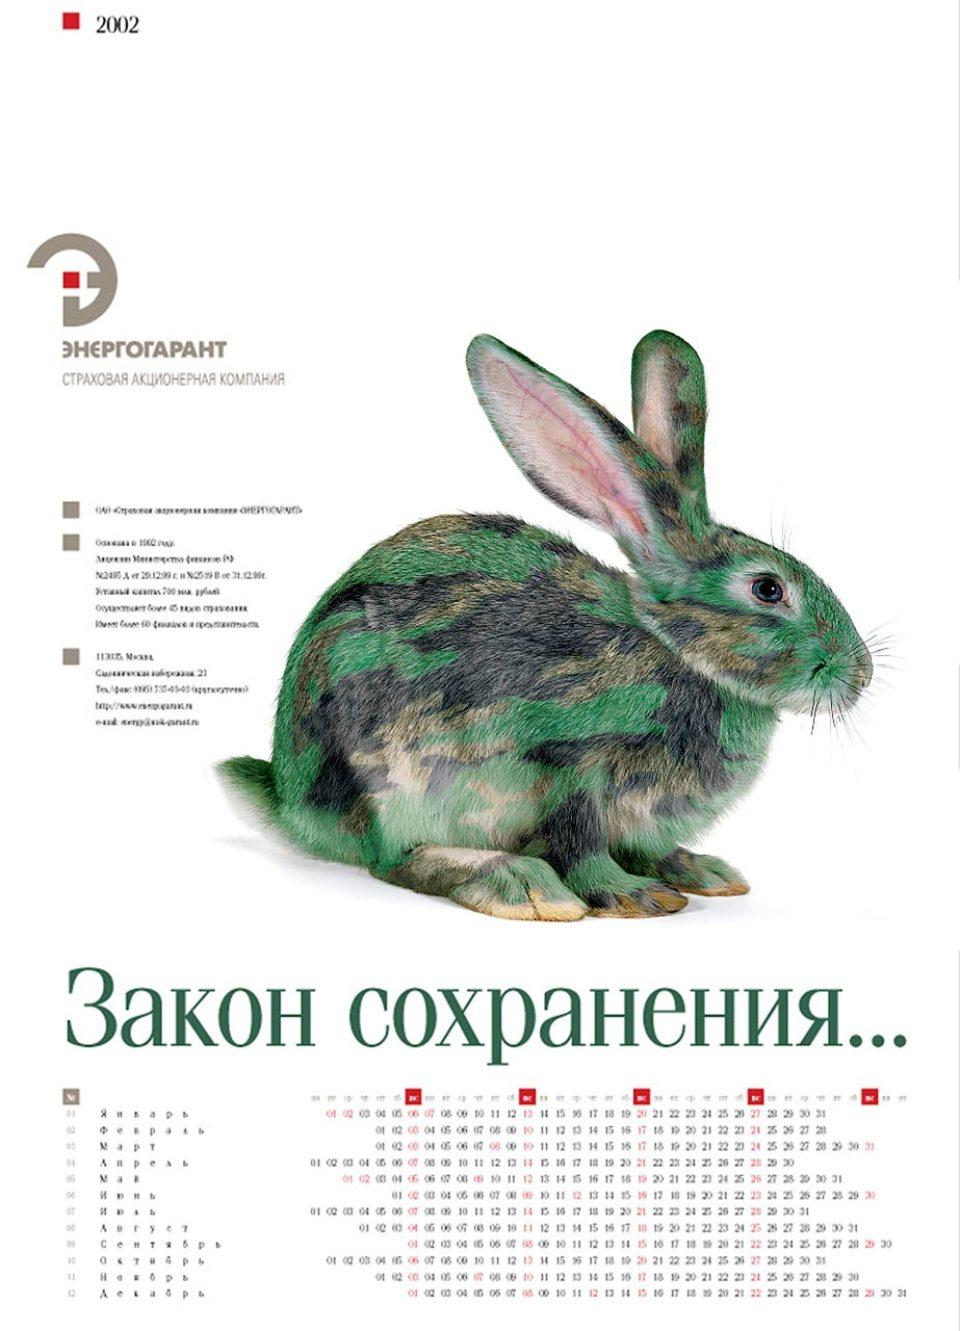 Съёмка животных для календаря